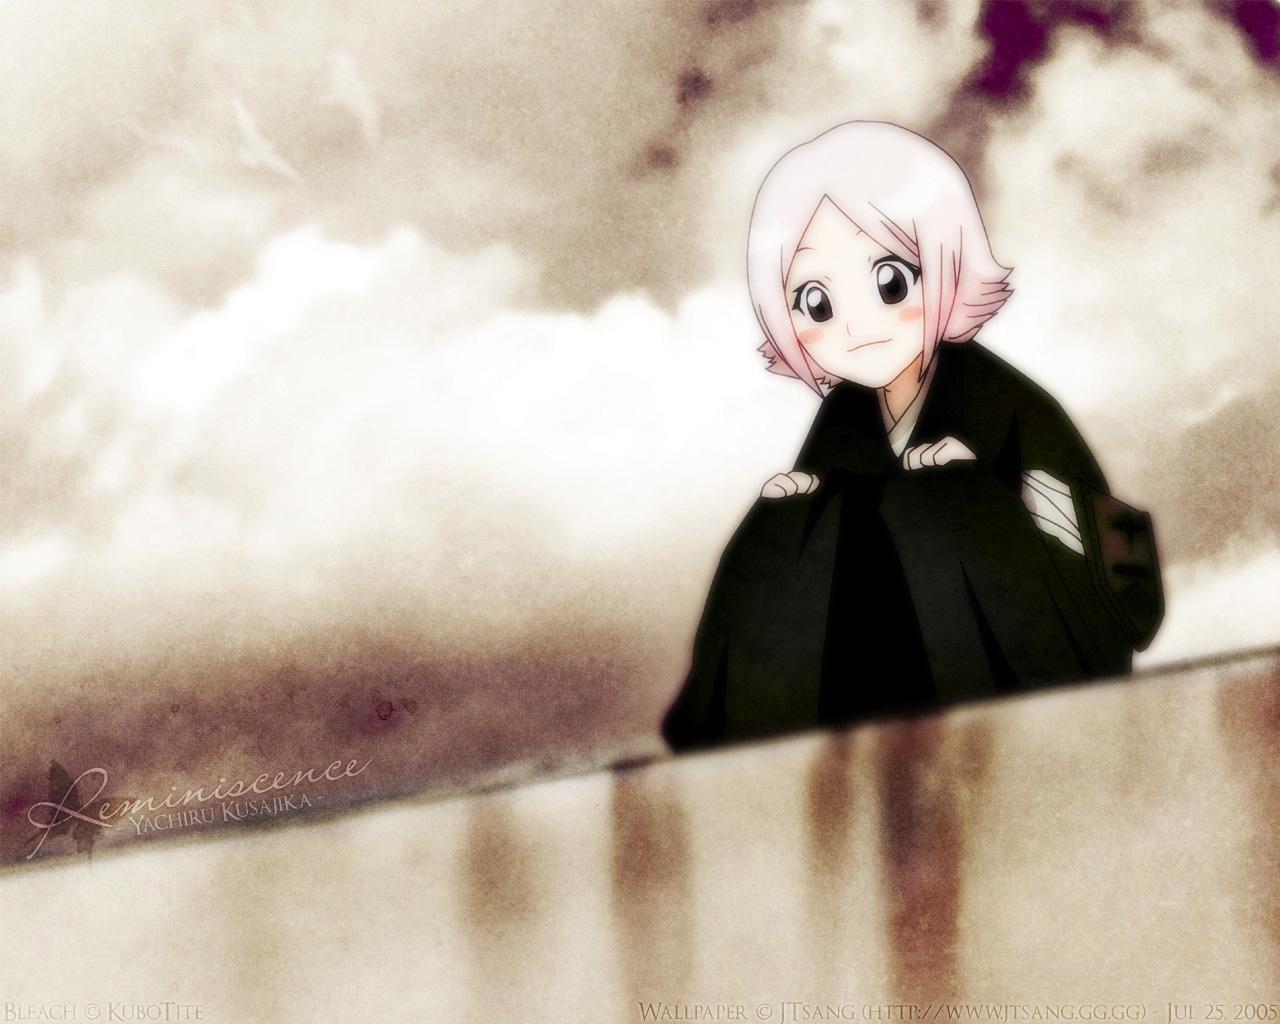 Kusajishi Yachiru Bleach Wallpaper 127292 Zerochan Anime